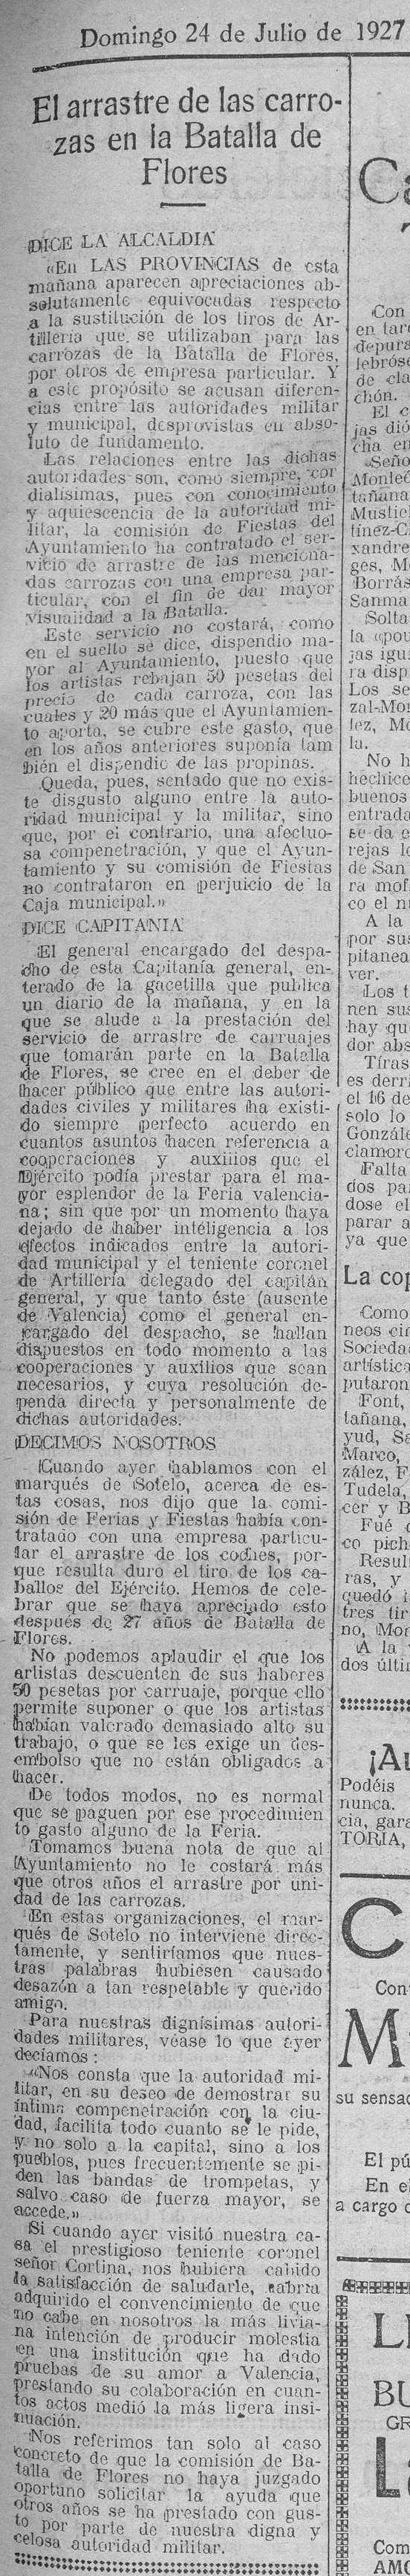 Las Provincias (prensa histórica, donde puede verse la fecha de la publicación justo en la parte superior del artículo).